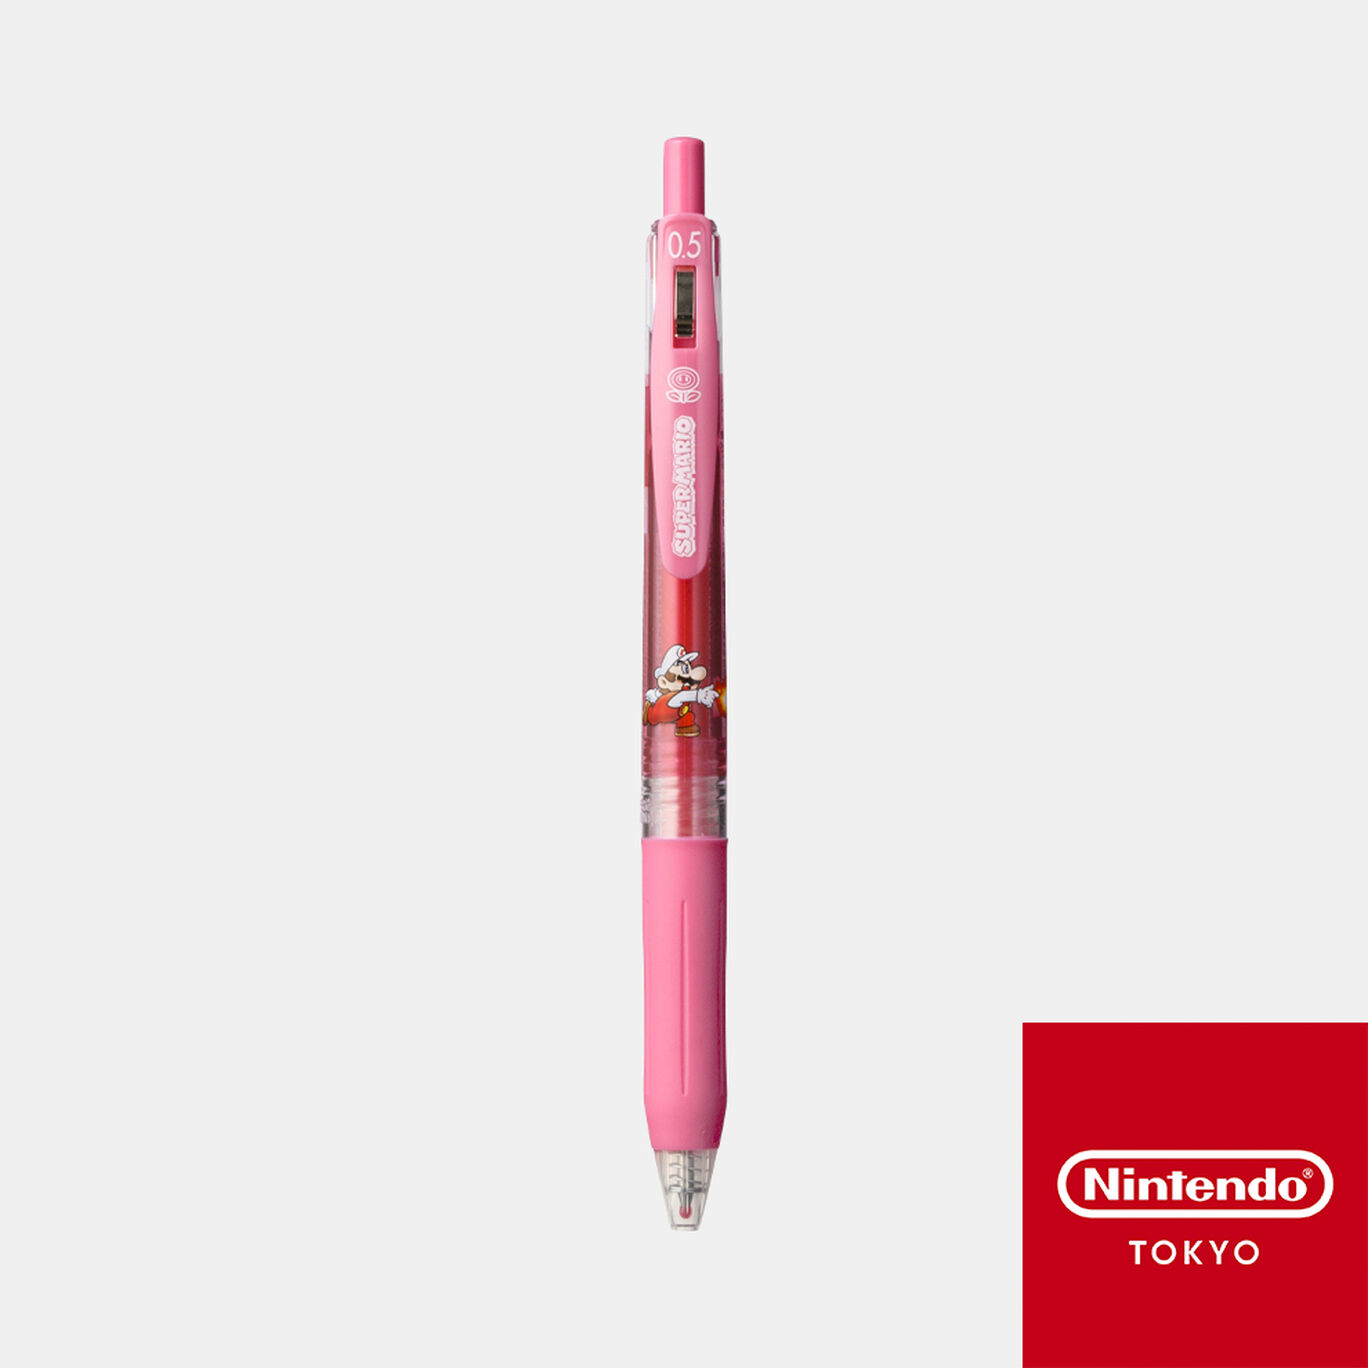 SARASAクリップ スーパーマリオ パワーアップ H【Nintendo TOKYO取り扱い商品】